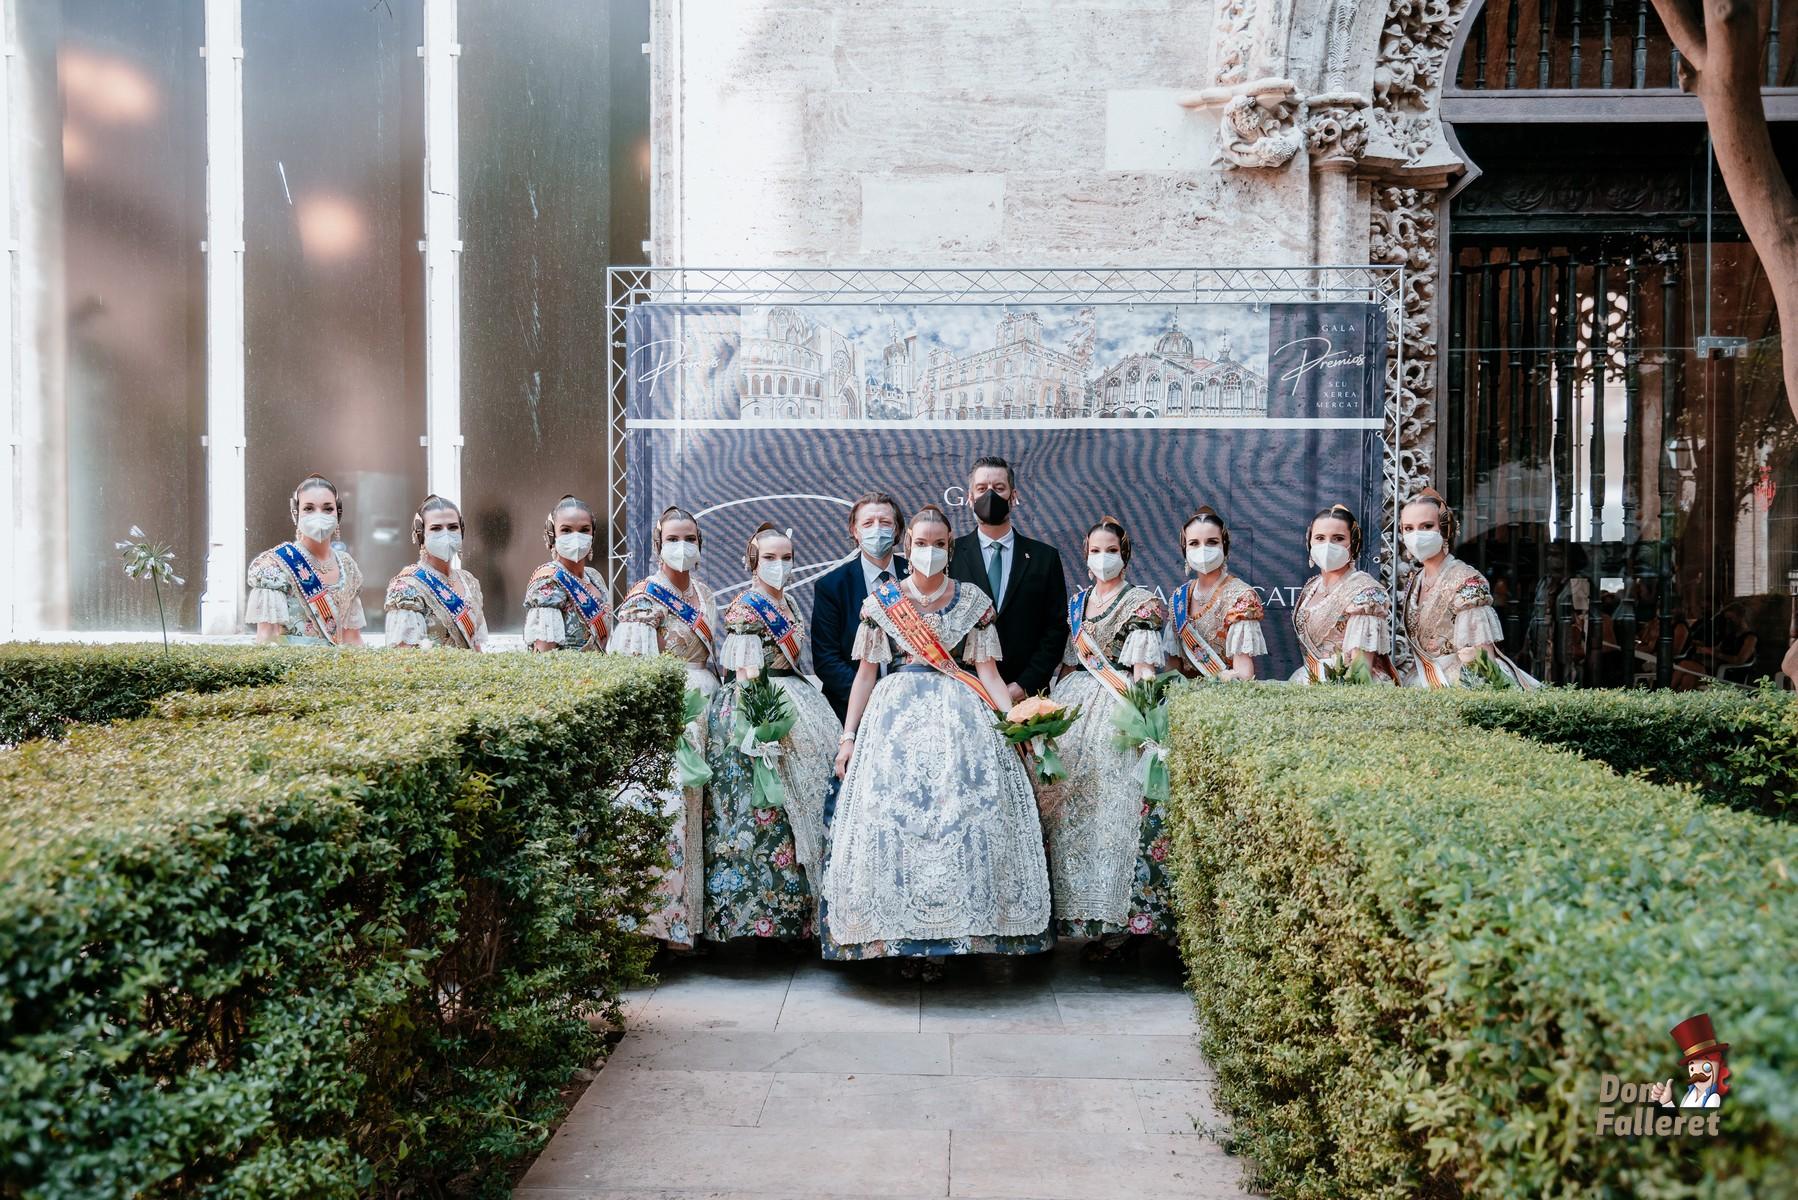 La Corte de Honor de la Fallera Mayor de València también estuvo presnete en el acto. Foto: Fran Adlert/Don Falleret